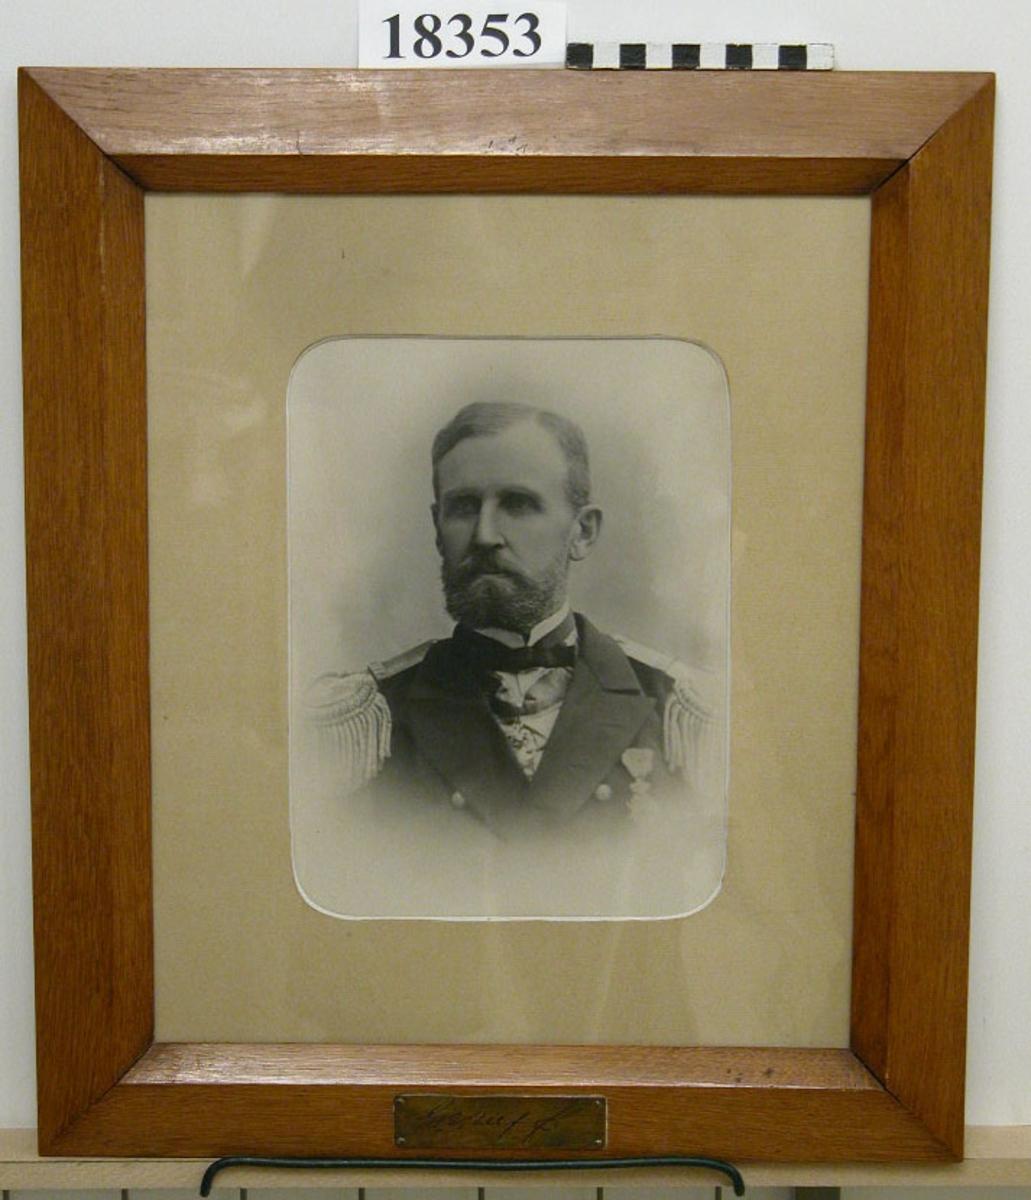 """Fotografi inom glas och ram föreställande G.E. Ulff. Bröstbild av man klädd i paraduniform med medaljer och epåletter. Välansat skägg. Passepartout  B = ca 50 mm. Ram av ljus ek fernissad, profilerad. Nederst mässingsbricka med graverat namn efter namnteckning: """" G.E. Ulff """". Baksida kartong försedd med lapp: """"Gustaf Emanuel Ulff  född 1833 5/3 död 1912 11/12"""". Neg.nr A 376 6:14"""